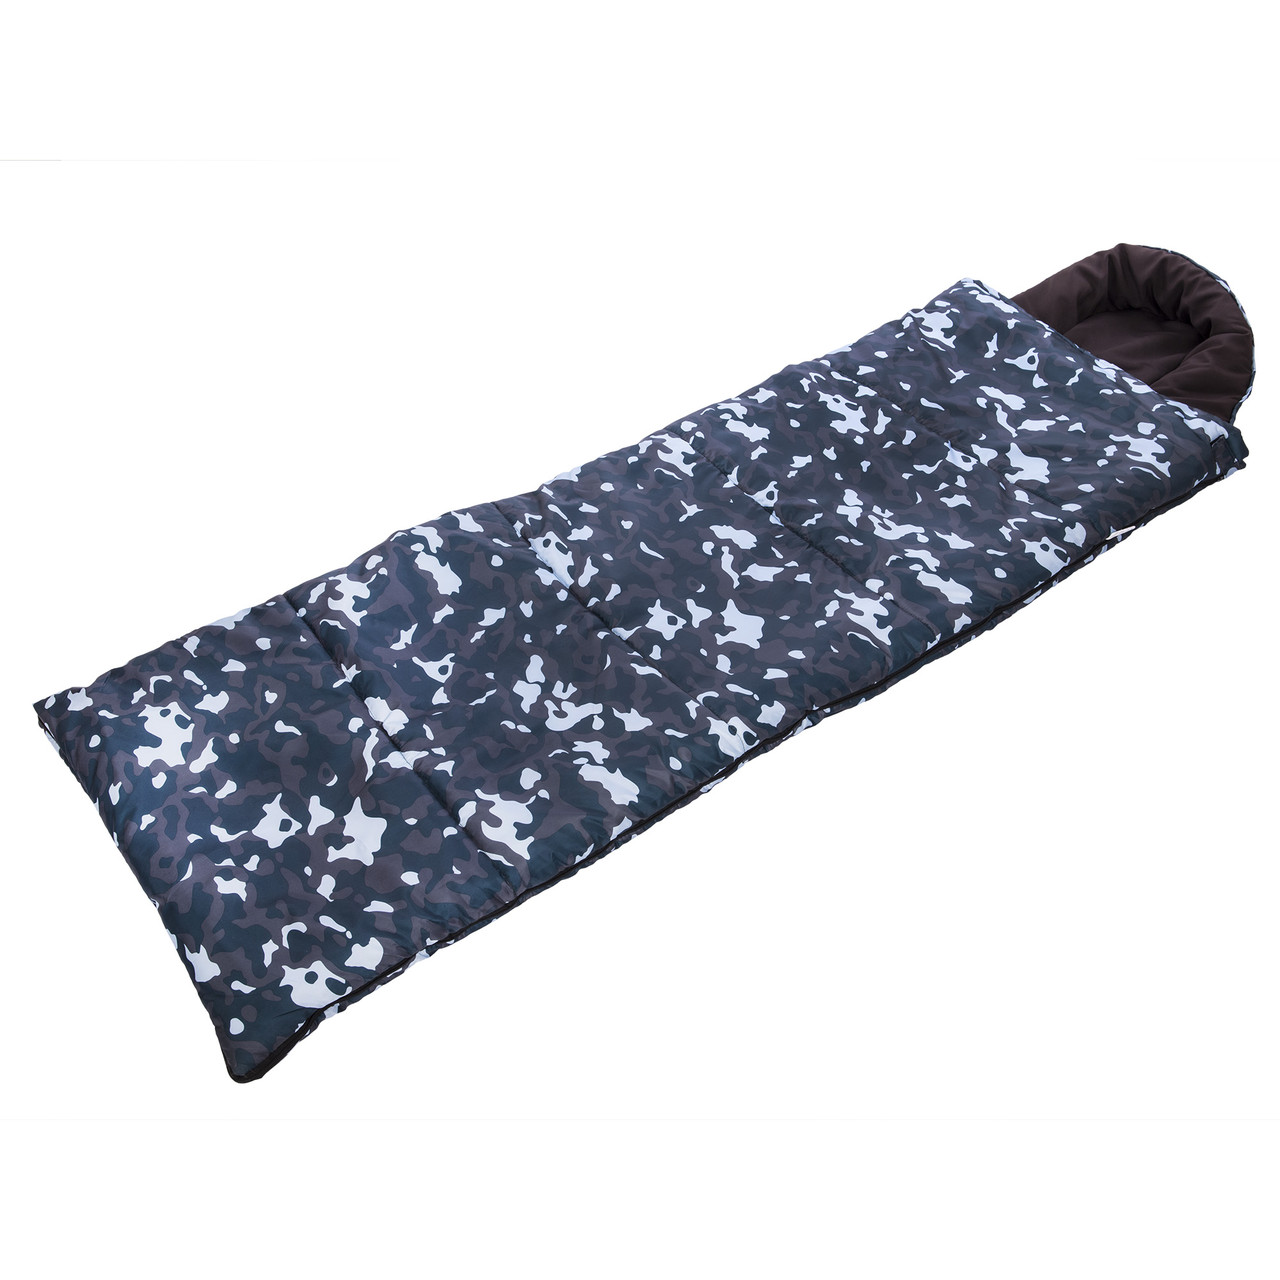 Спальный мешок одеяло с капюшоном камуфляж UR SY-4798 (320г на м2, р-р 190+30х75см, от +5 до-17) (PT0240)